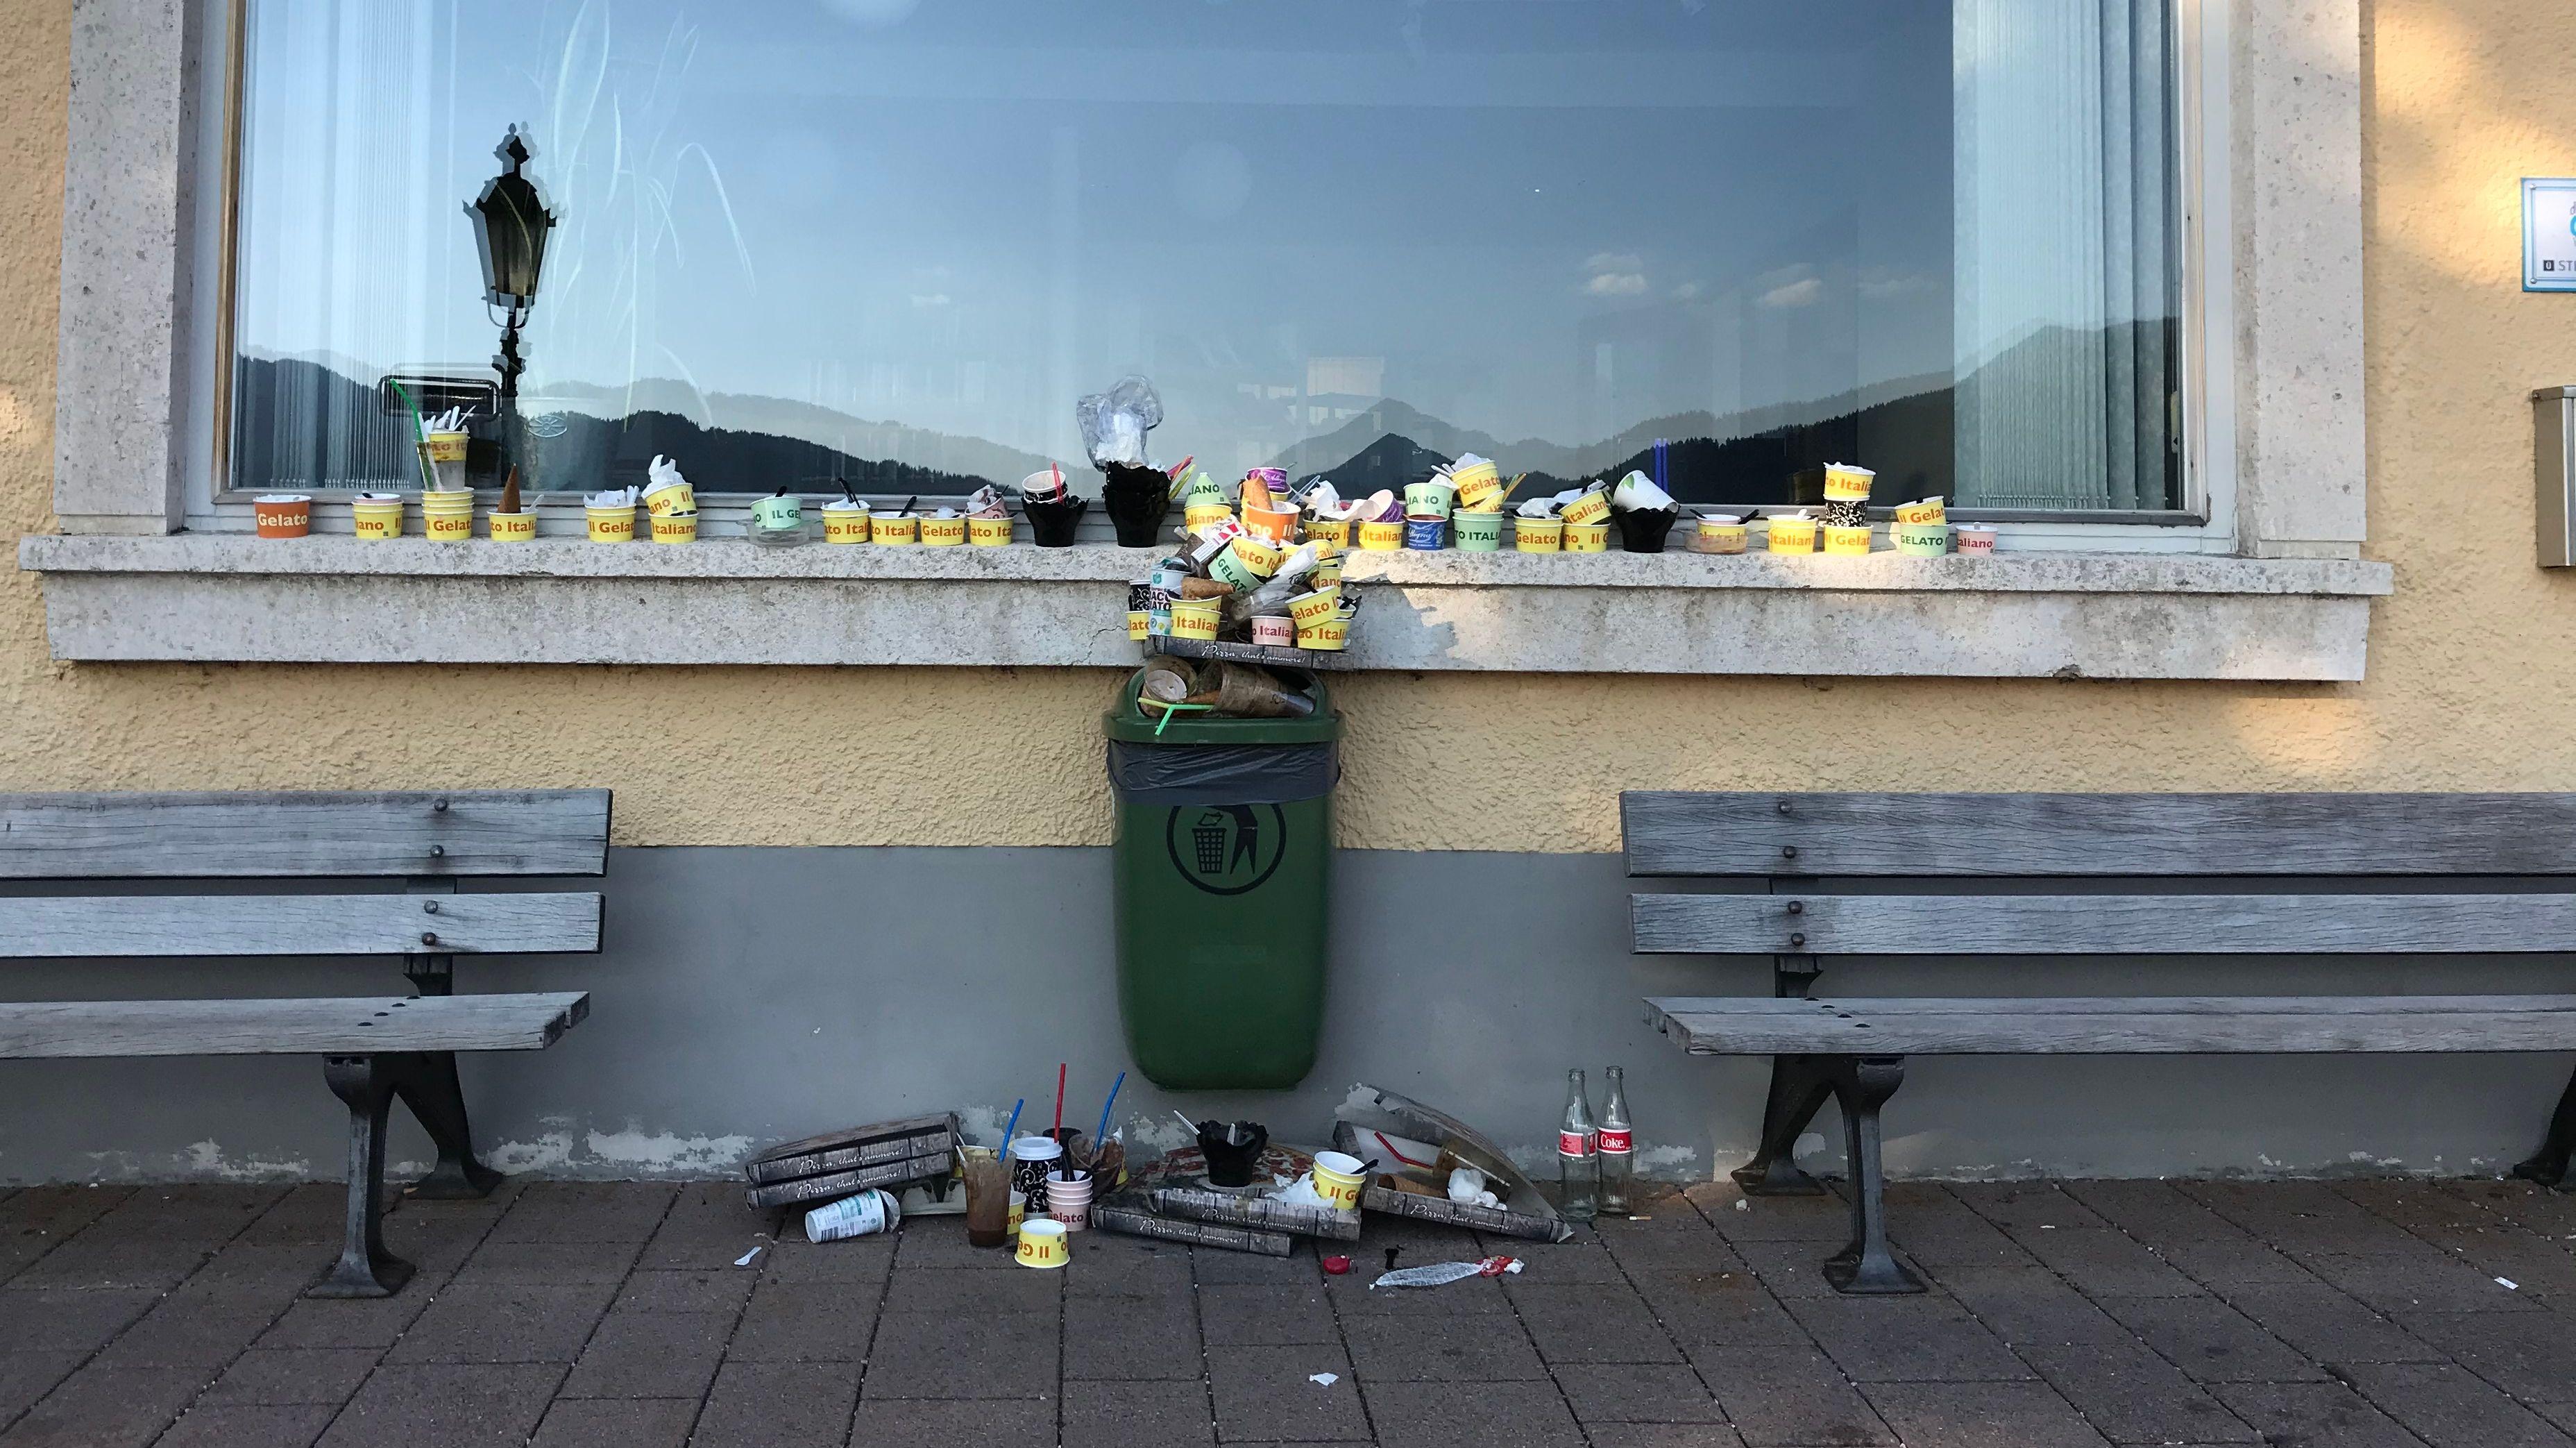 Mülleimer quillt über in Tegernsee